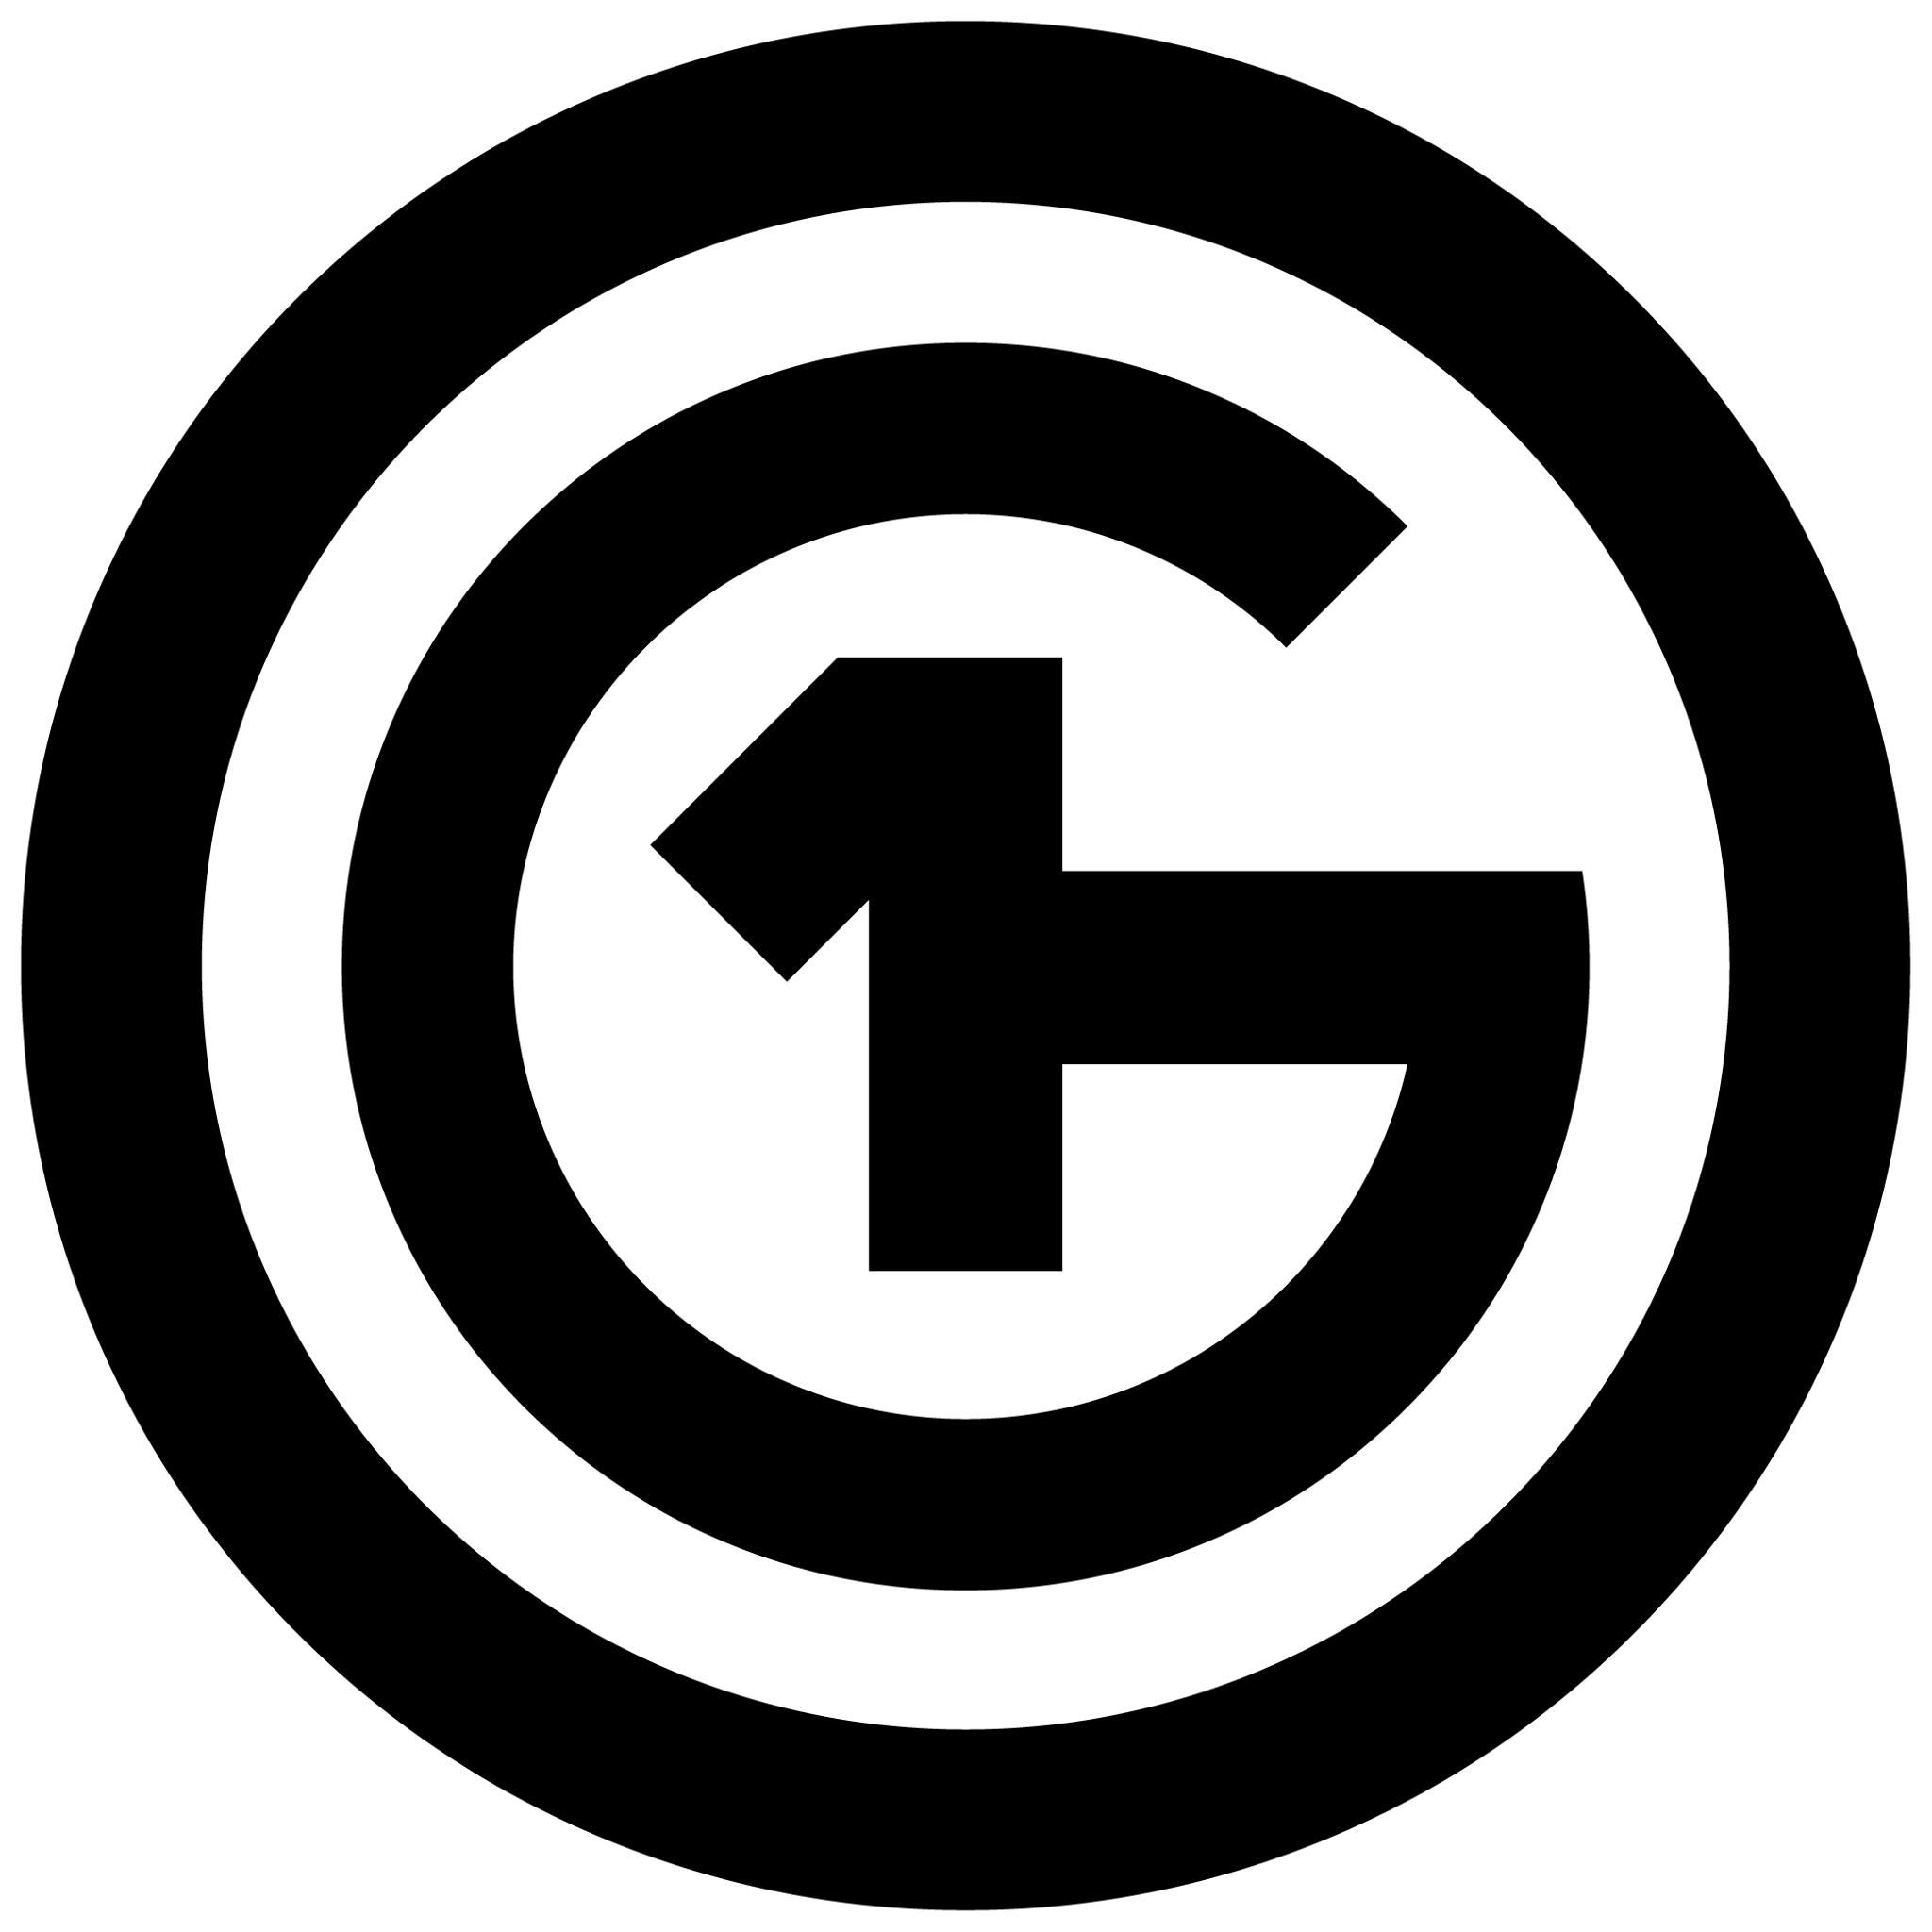 o1g-logo.png